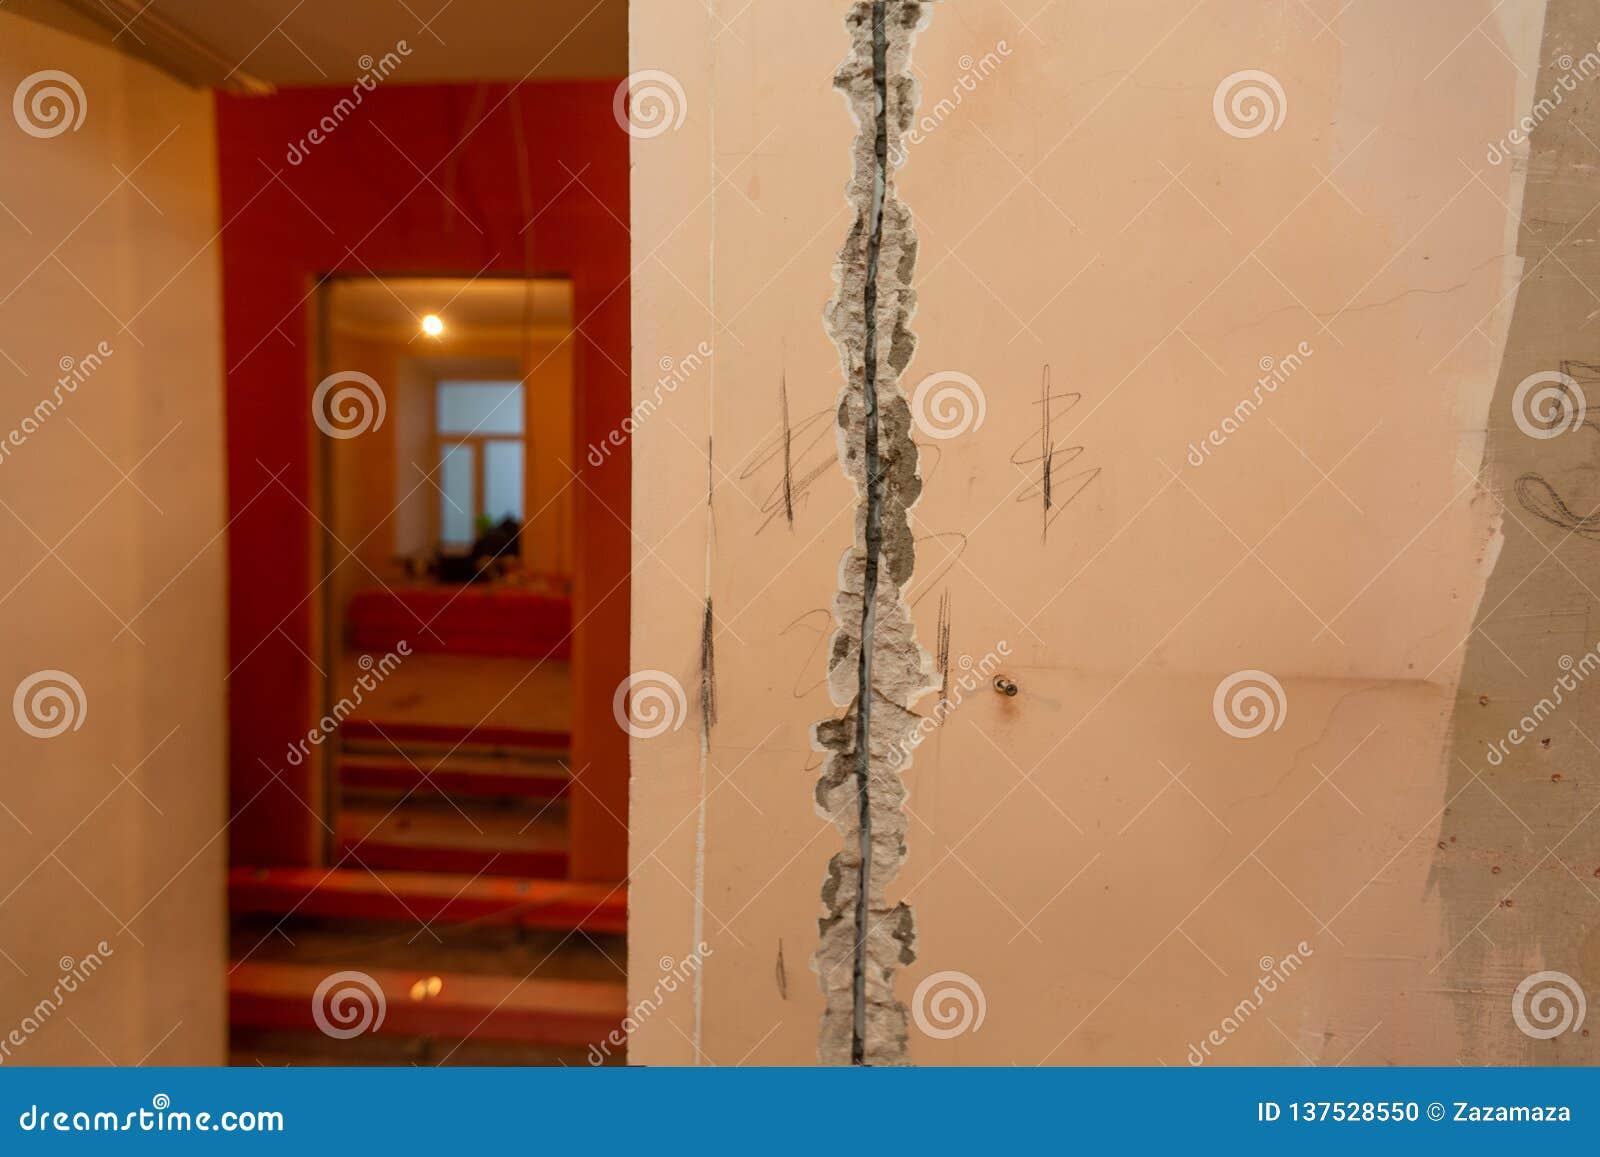 Het werk proces aan groef of muur die voor elektro, Internet-kabels en elektrische afzet achtervolgen alvorens te pleisteren en